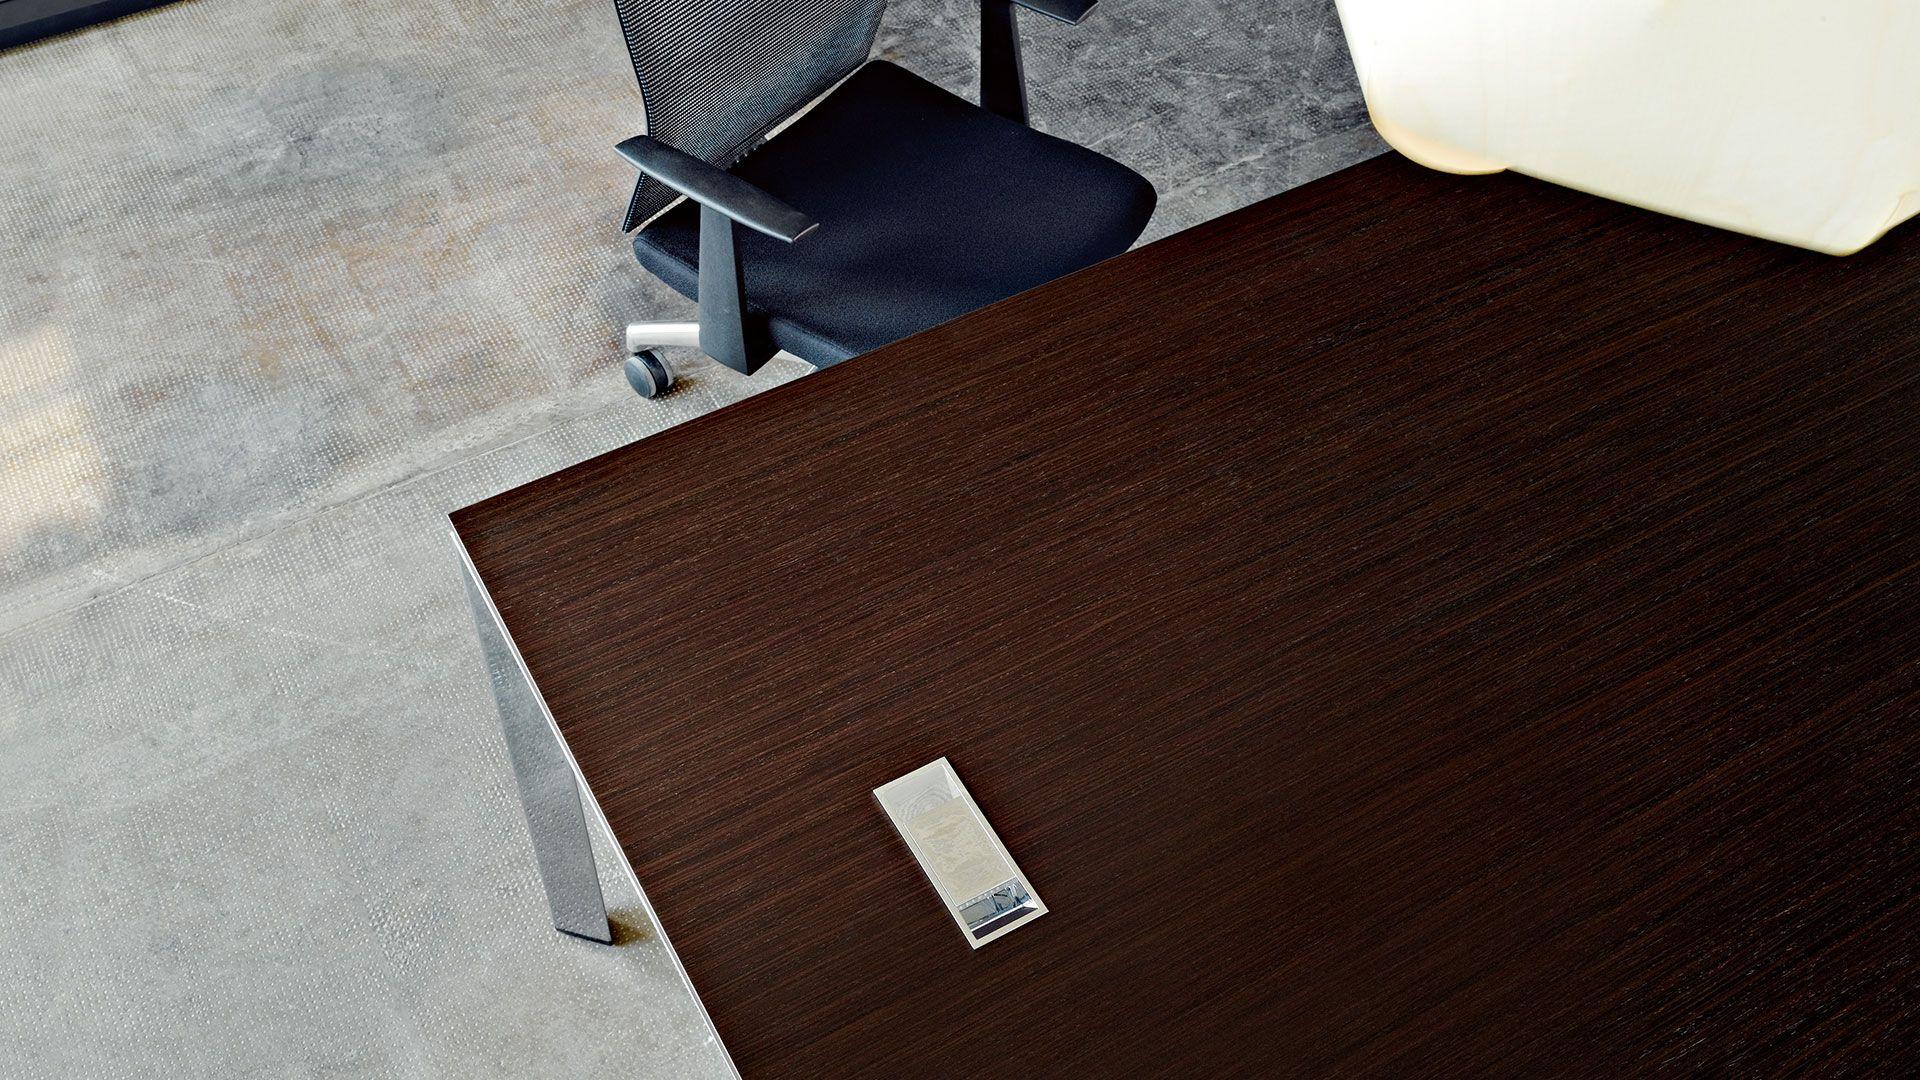 Chefschreibtisch Chefbüro Schreibtisch mit Arbeitsplatte in ...